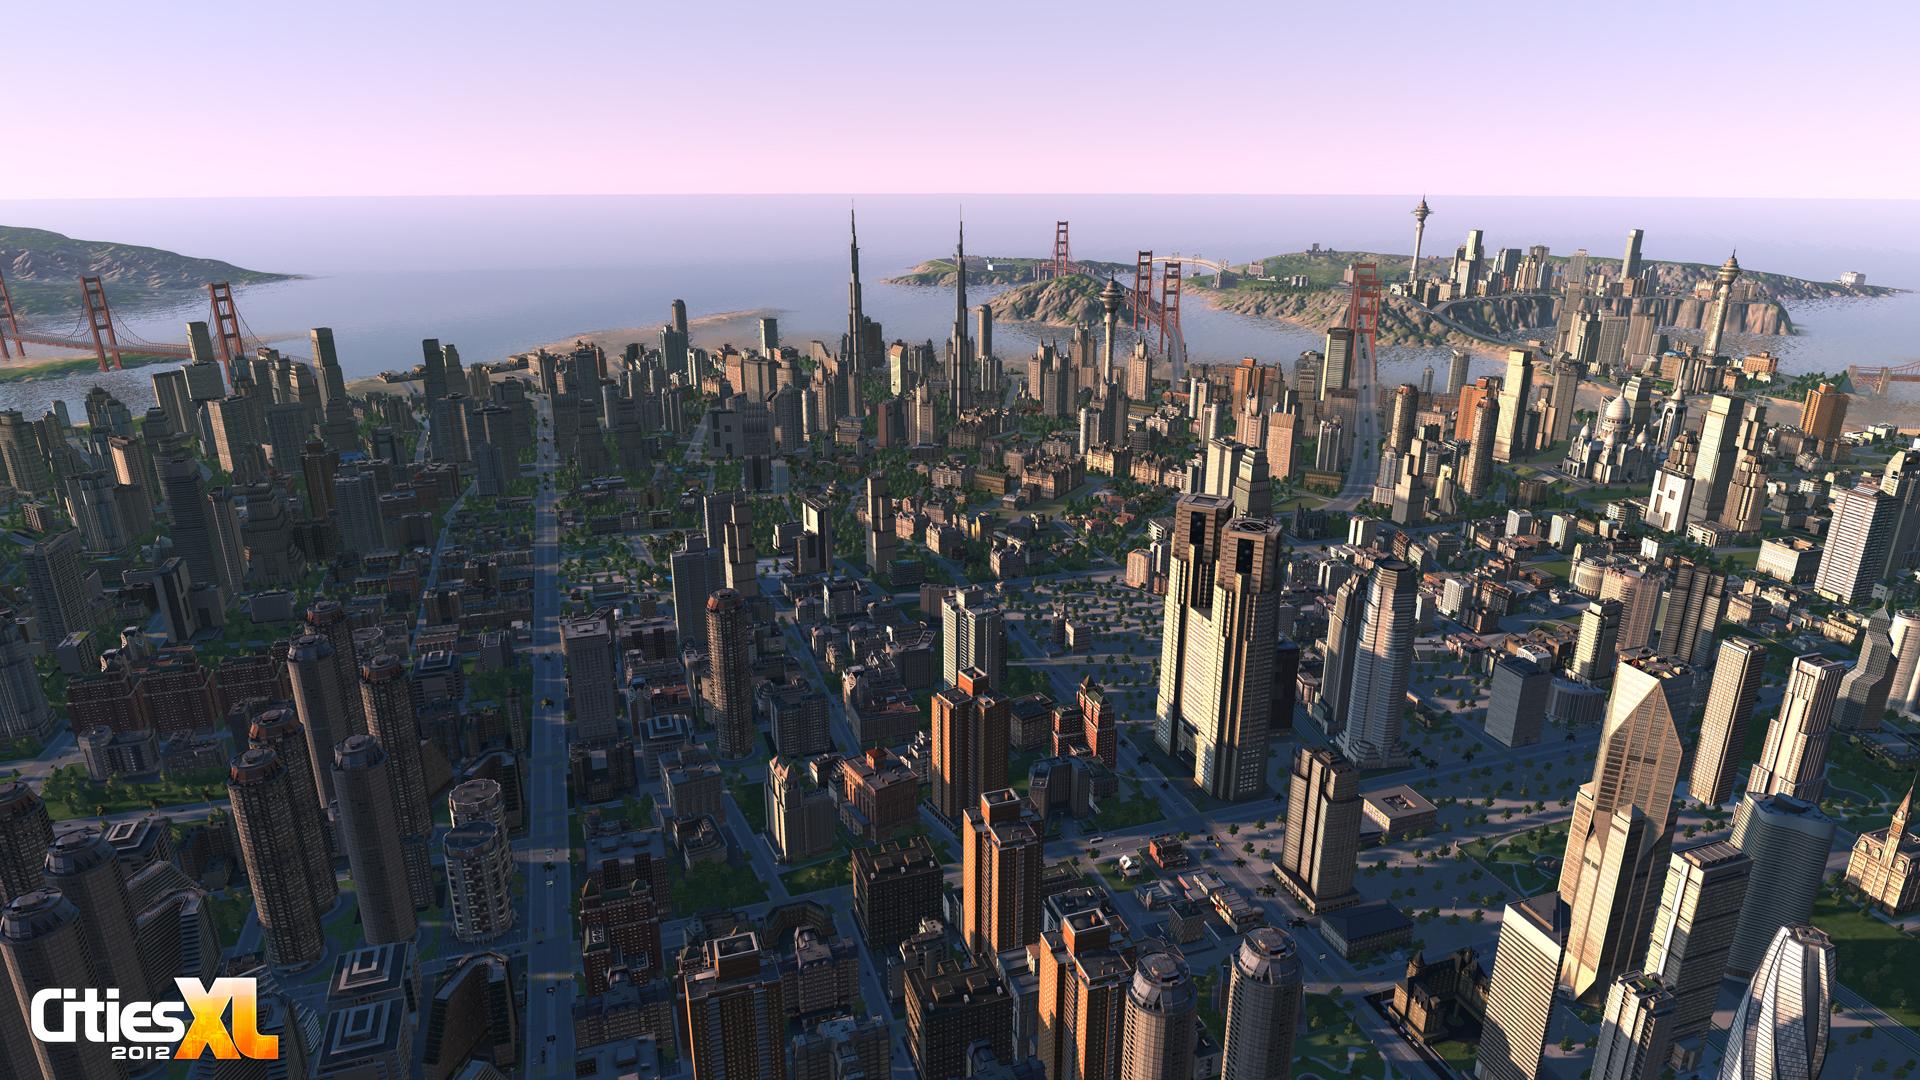 Cities XL 2012 – dvakrát do stejného města nevkročíš 55992